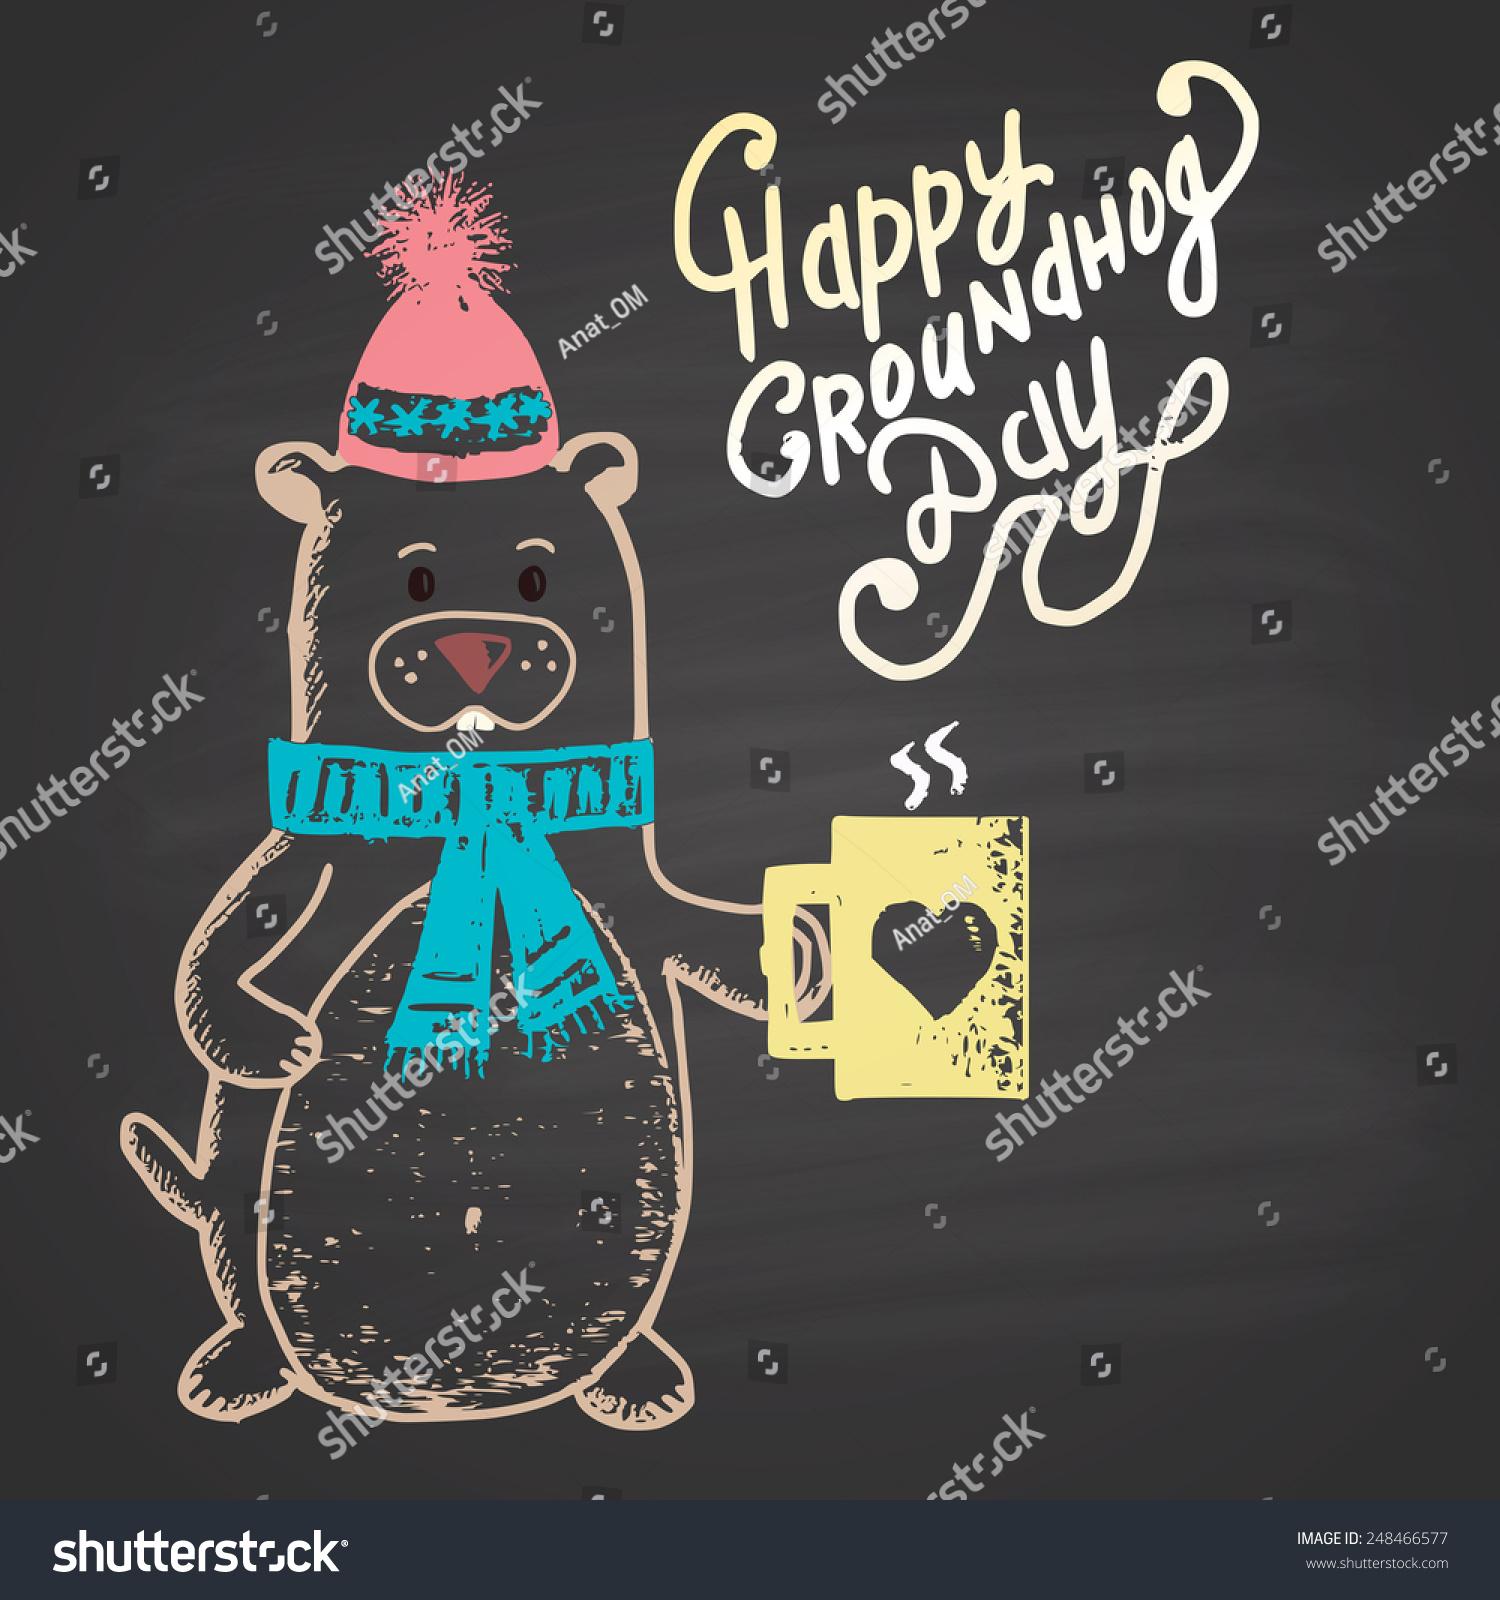 彩色粉笔画插图与土拨鼠,杯子和文本.快乐的土拨鼠日.